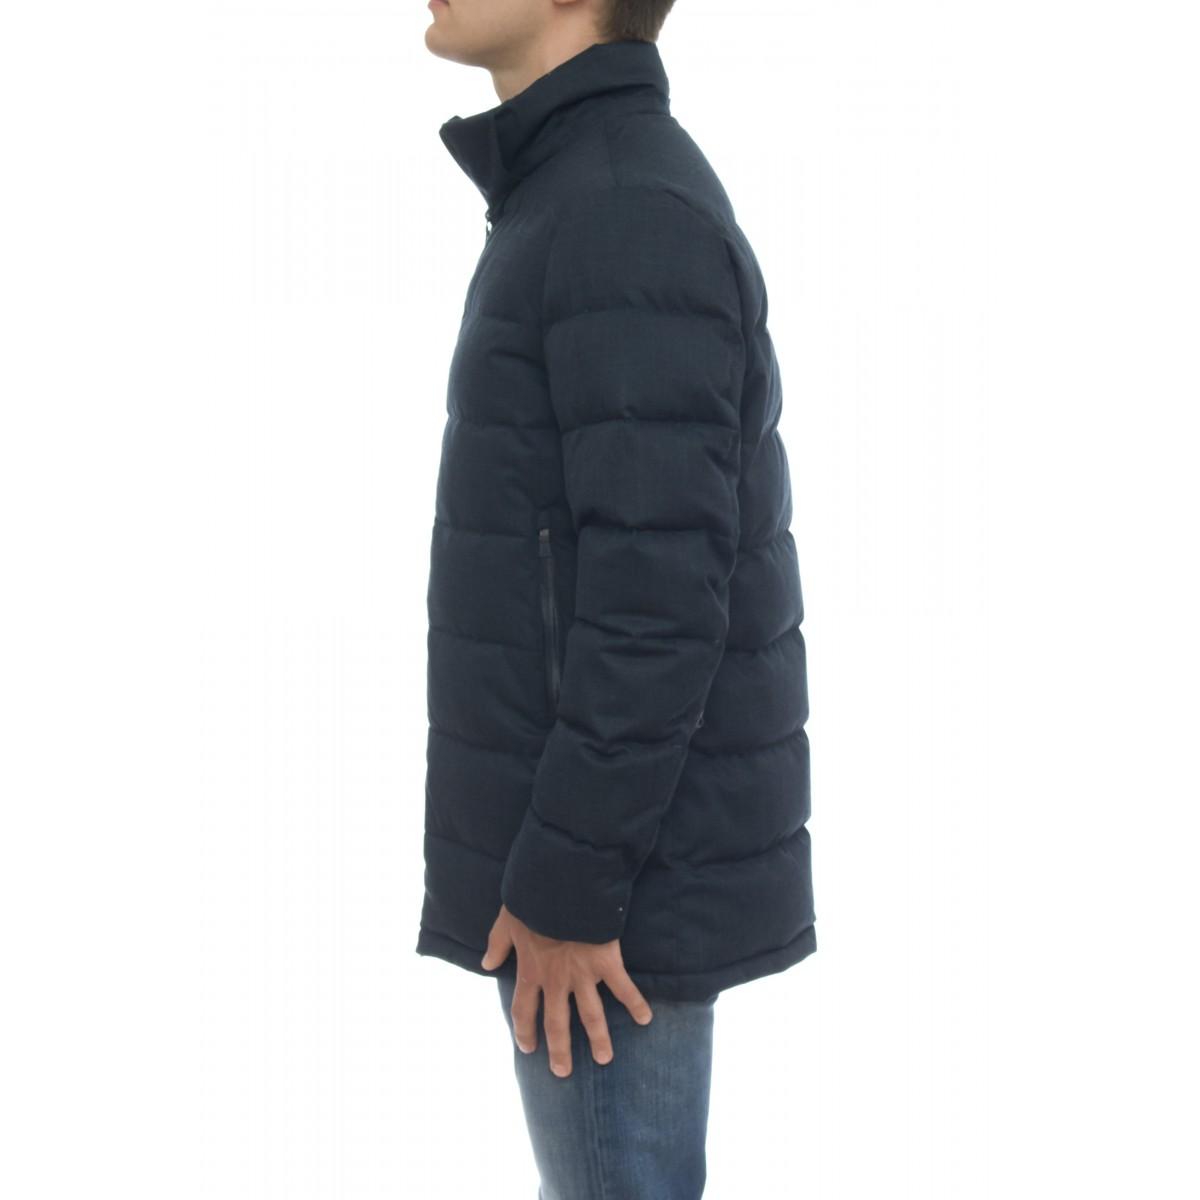 Piumino - Pi102ul 2290 laminar misto lana cappuccio staccabile